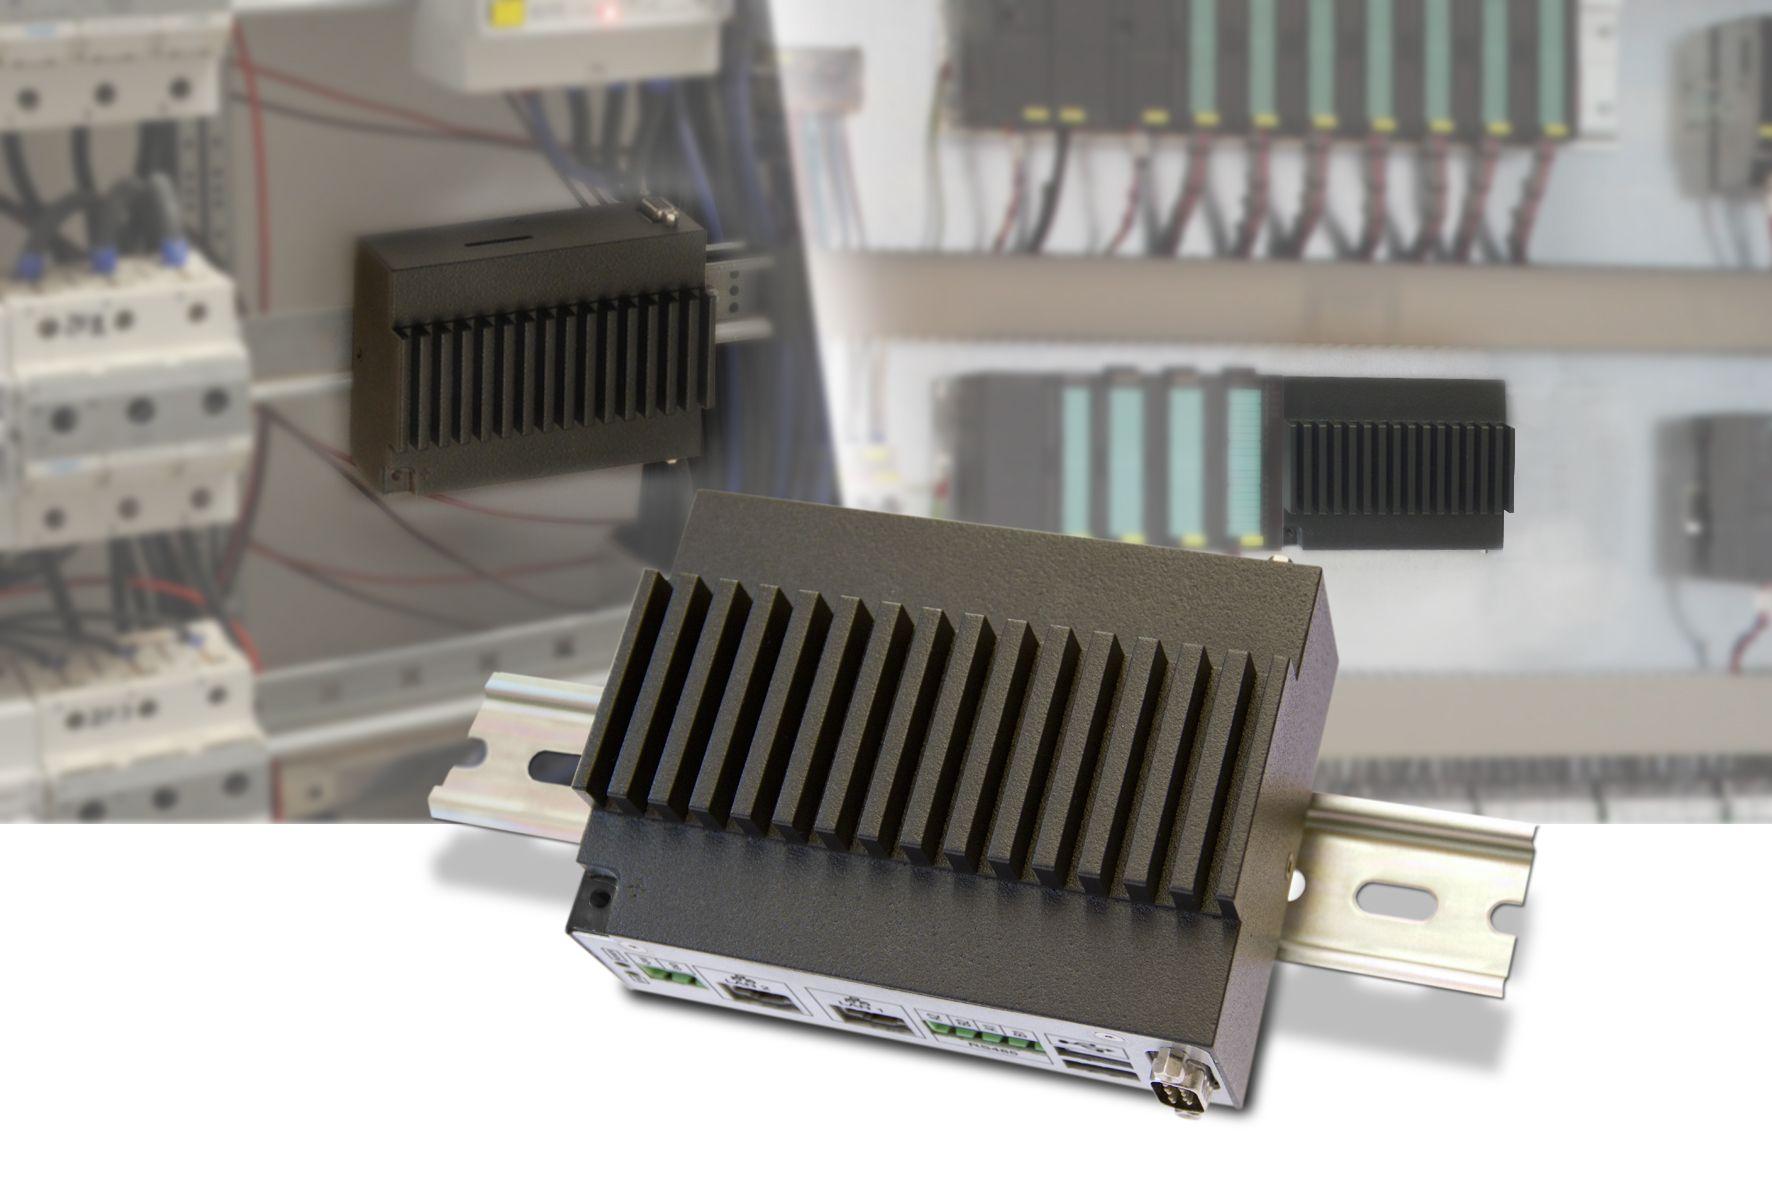 Ein flexibler Box-PC für Home Automation